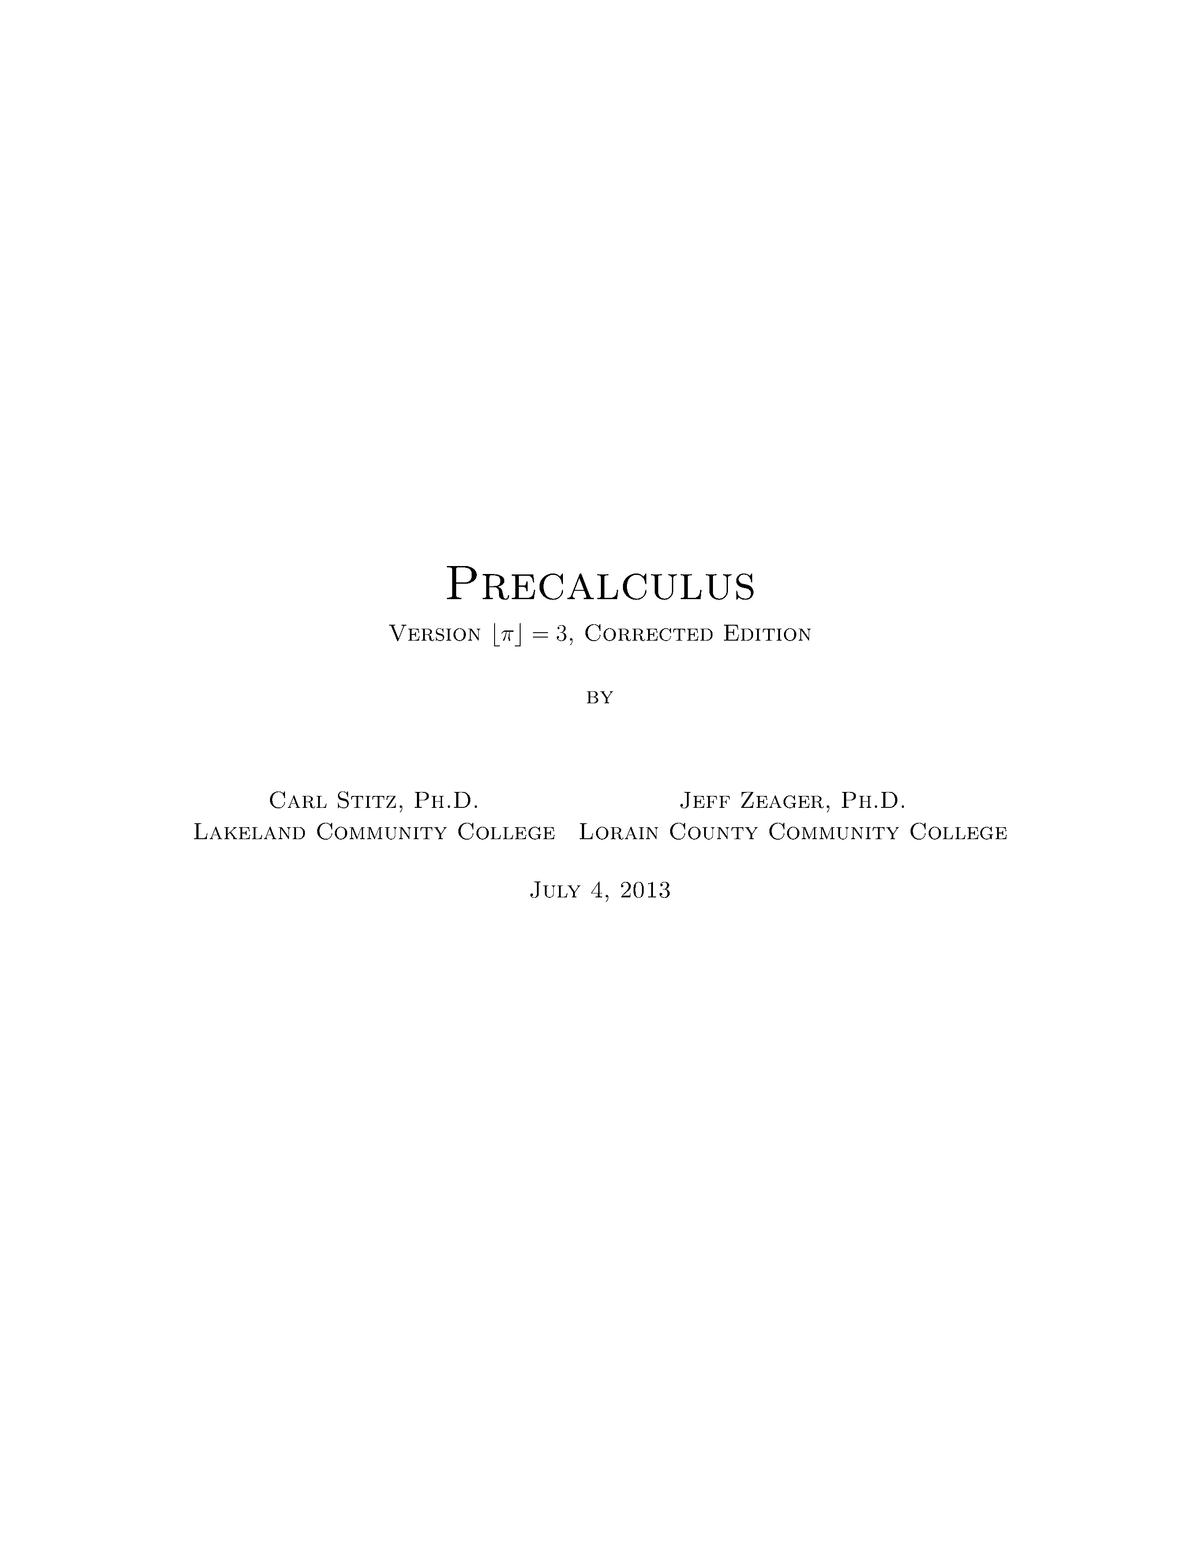 Precalculus version 3 corrected edition (book) - Math 3301